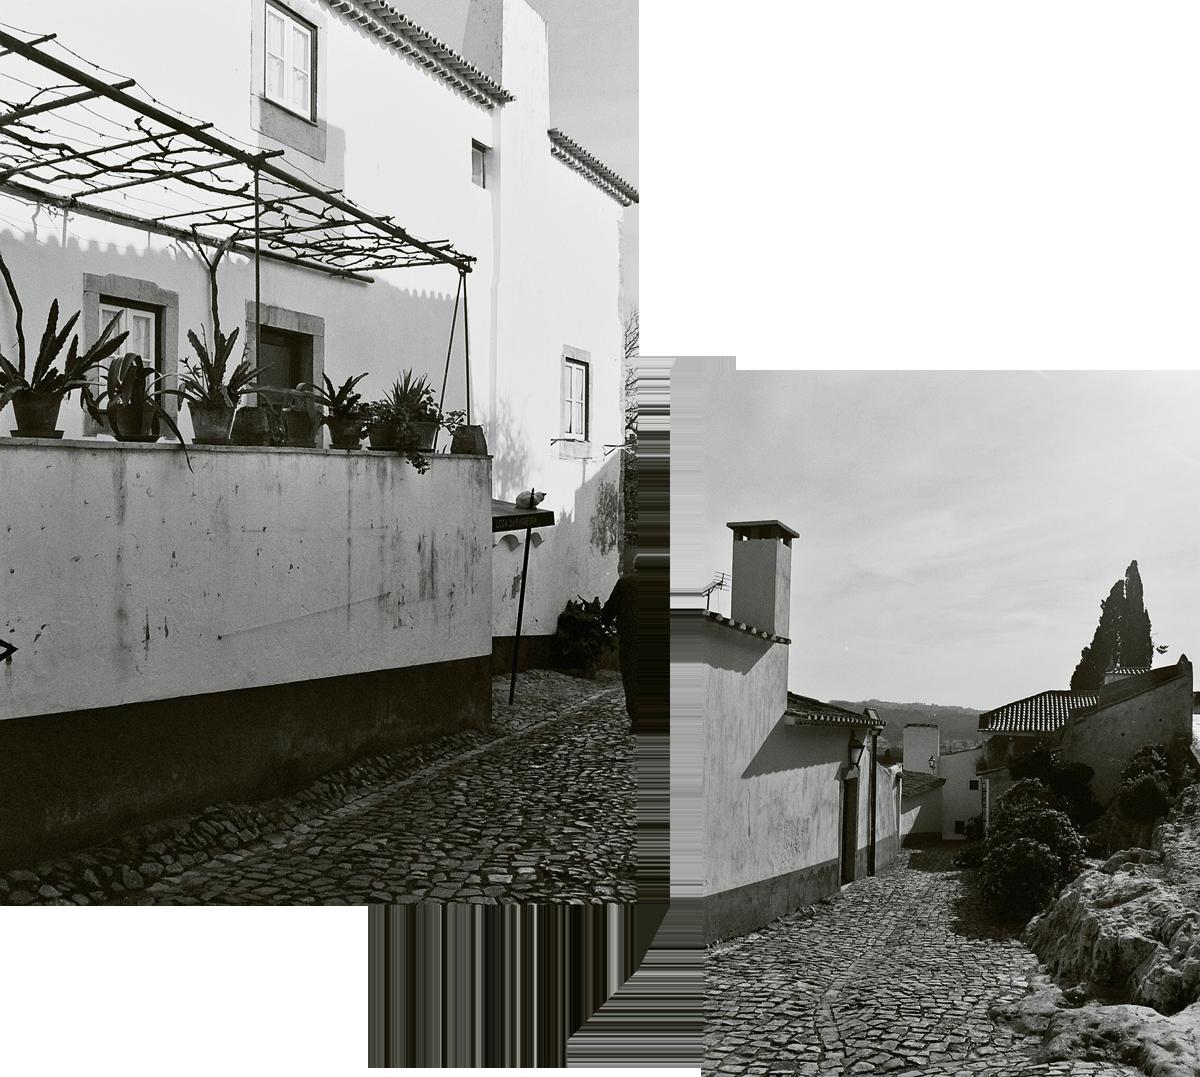 FRAGMENTS_ Portugal - by Hannelore Veelaert via au pays des merveilles-19